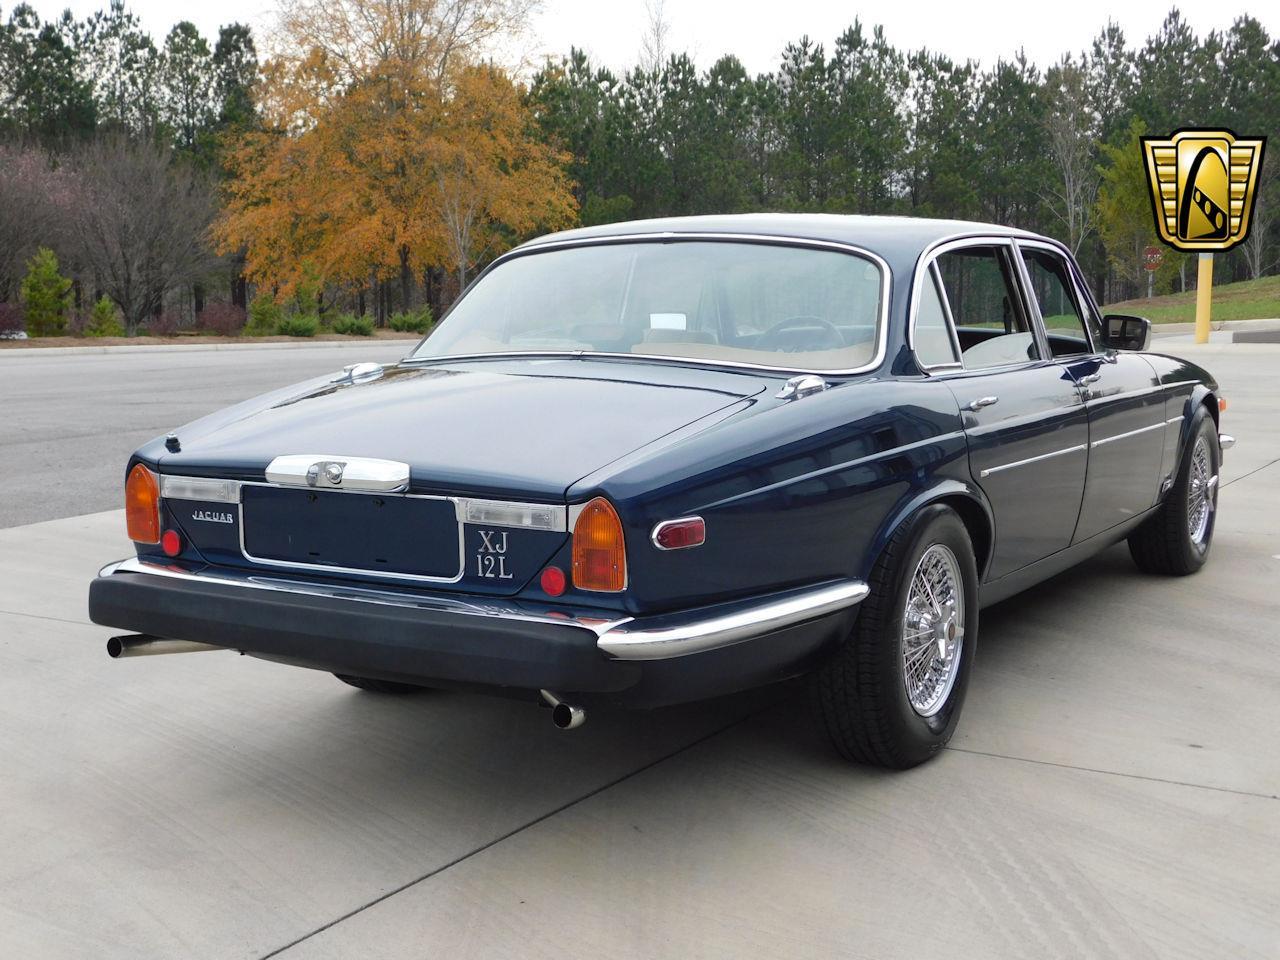 1979 Jaguar XJ12 for Sale | ClassicCars.com | CC-1050659